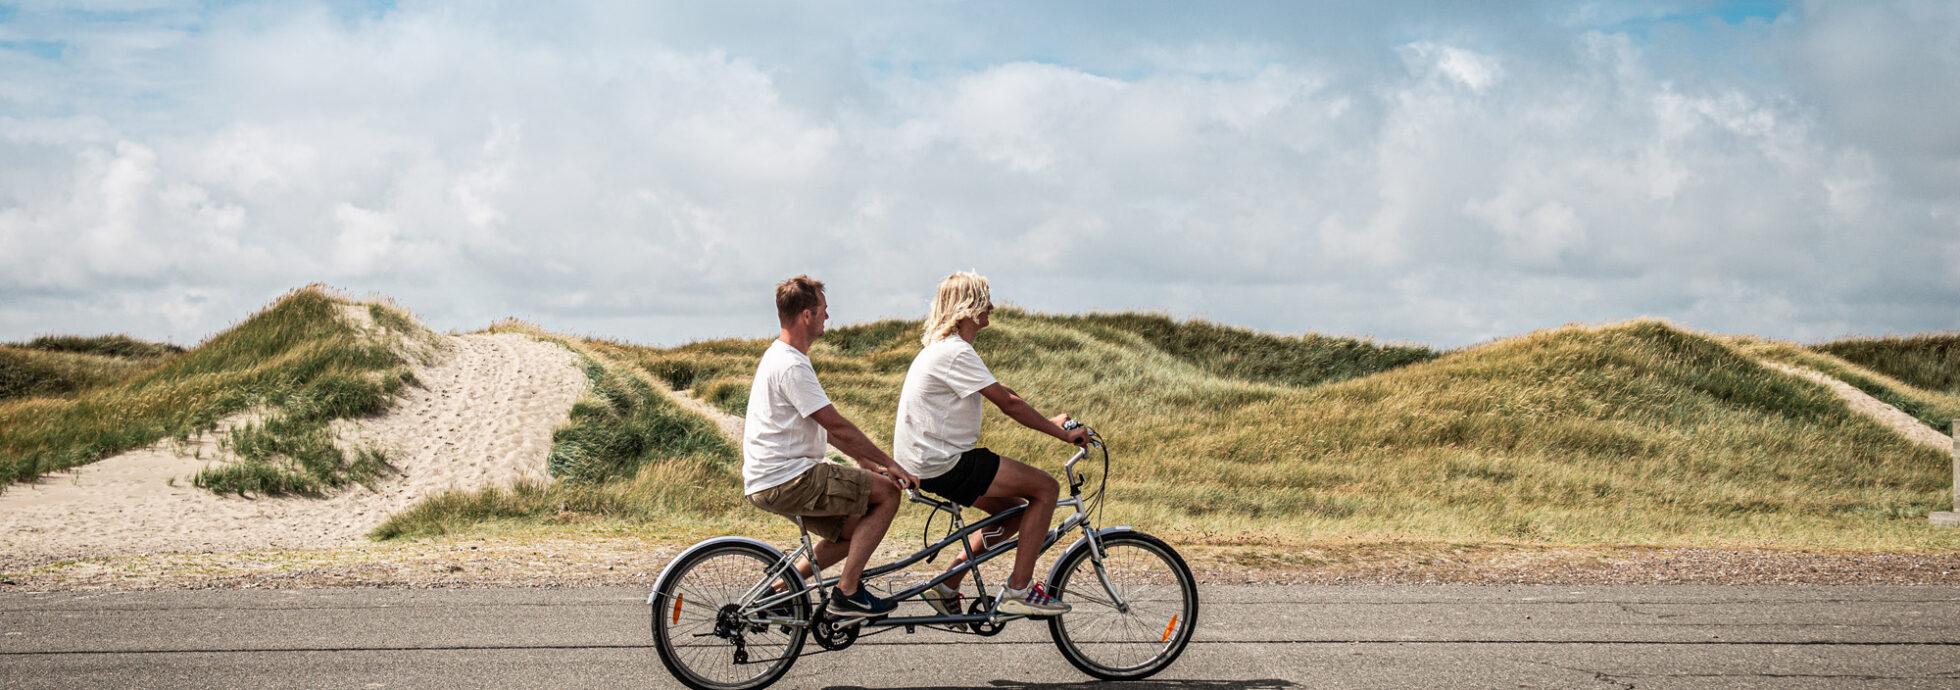 Udlejning af cykler